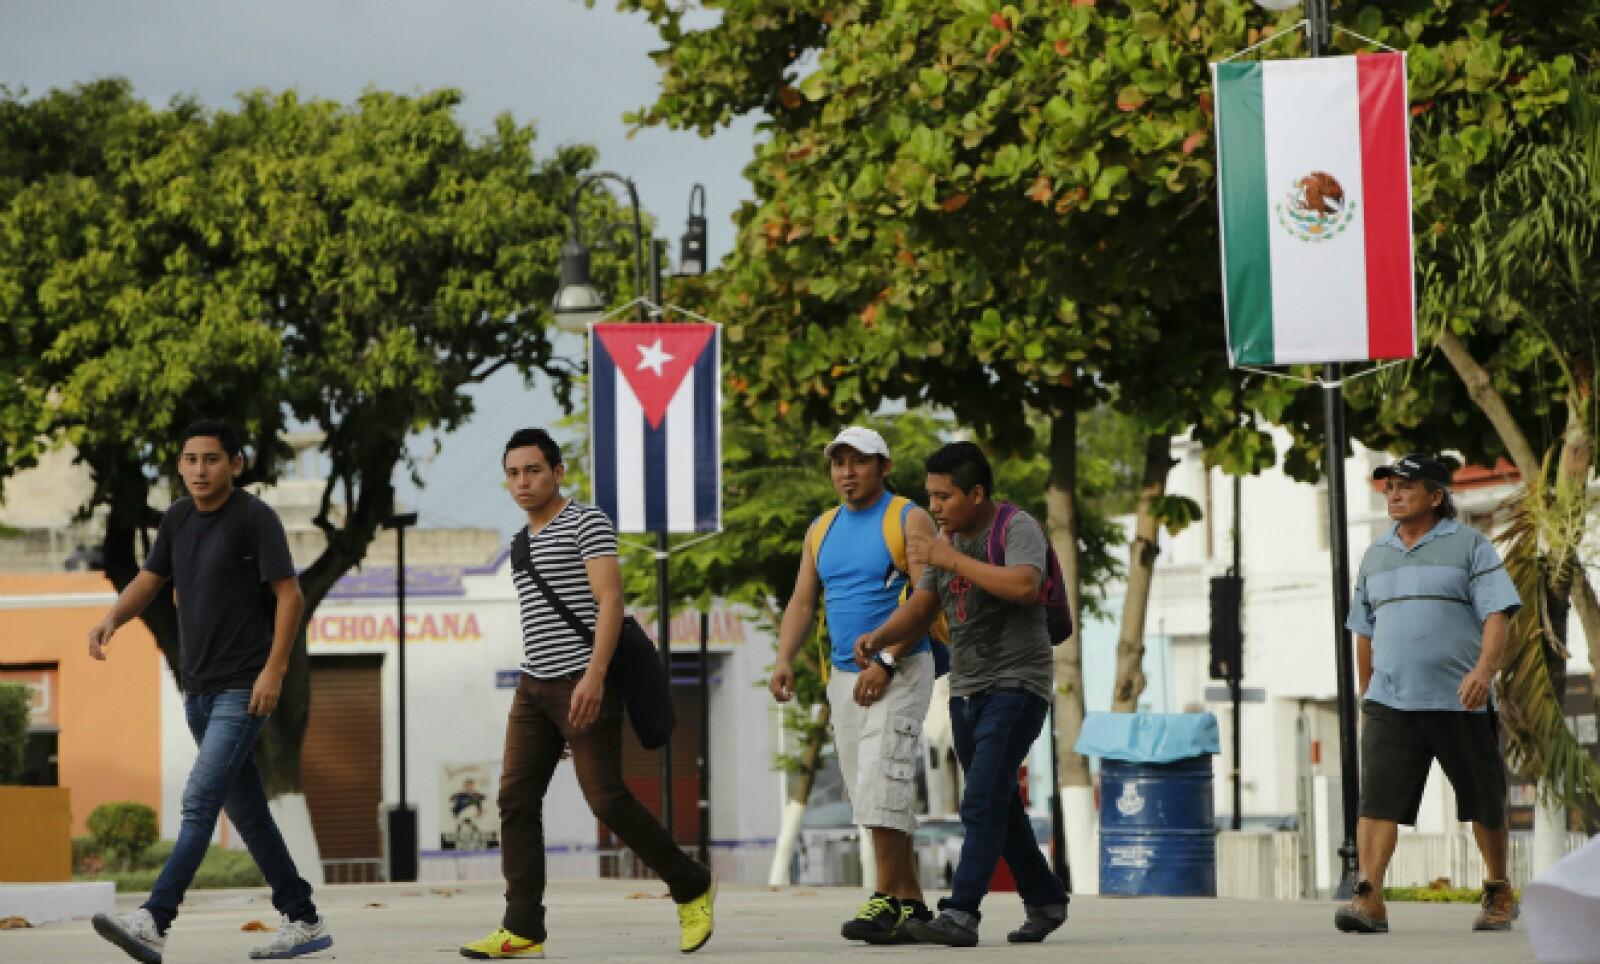 La ciudad de Mérida fue decorada con las banderas mexicana y cubana para conmemorar la visita.